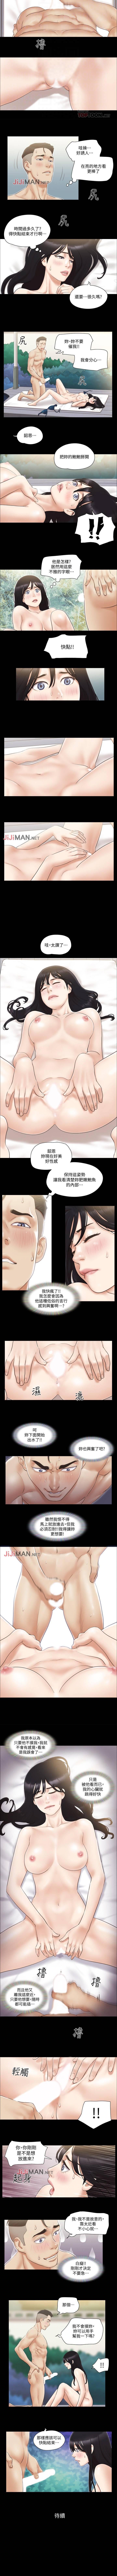 【周五连载】协议换爱(作者:遠德) 第1~57话 154